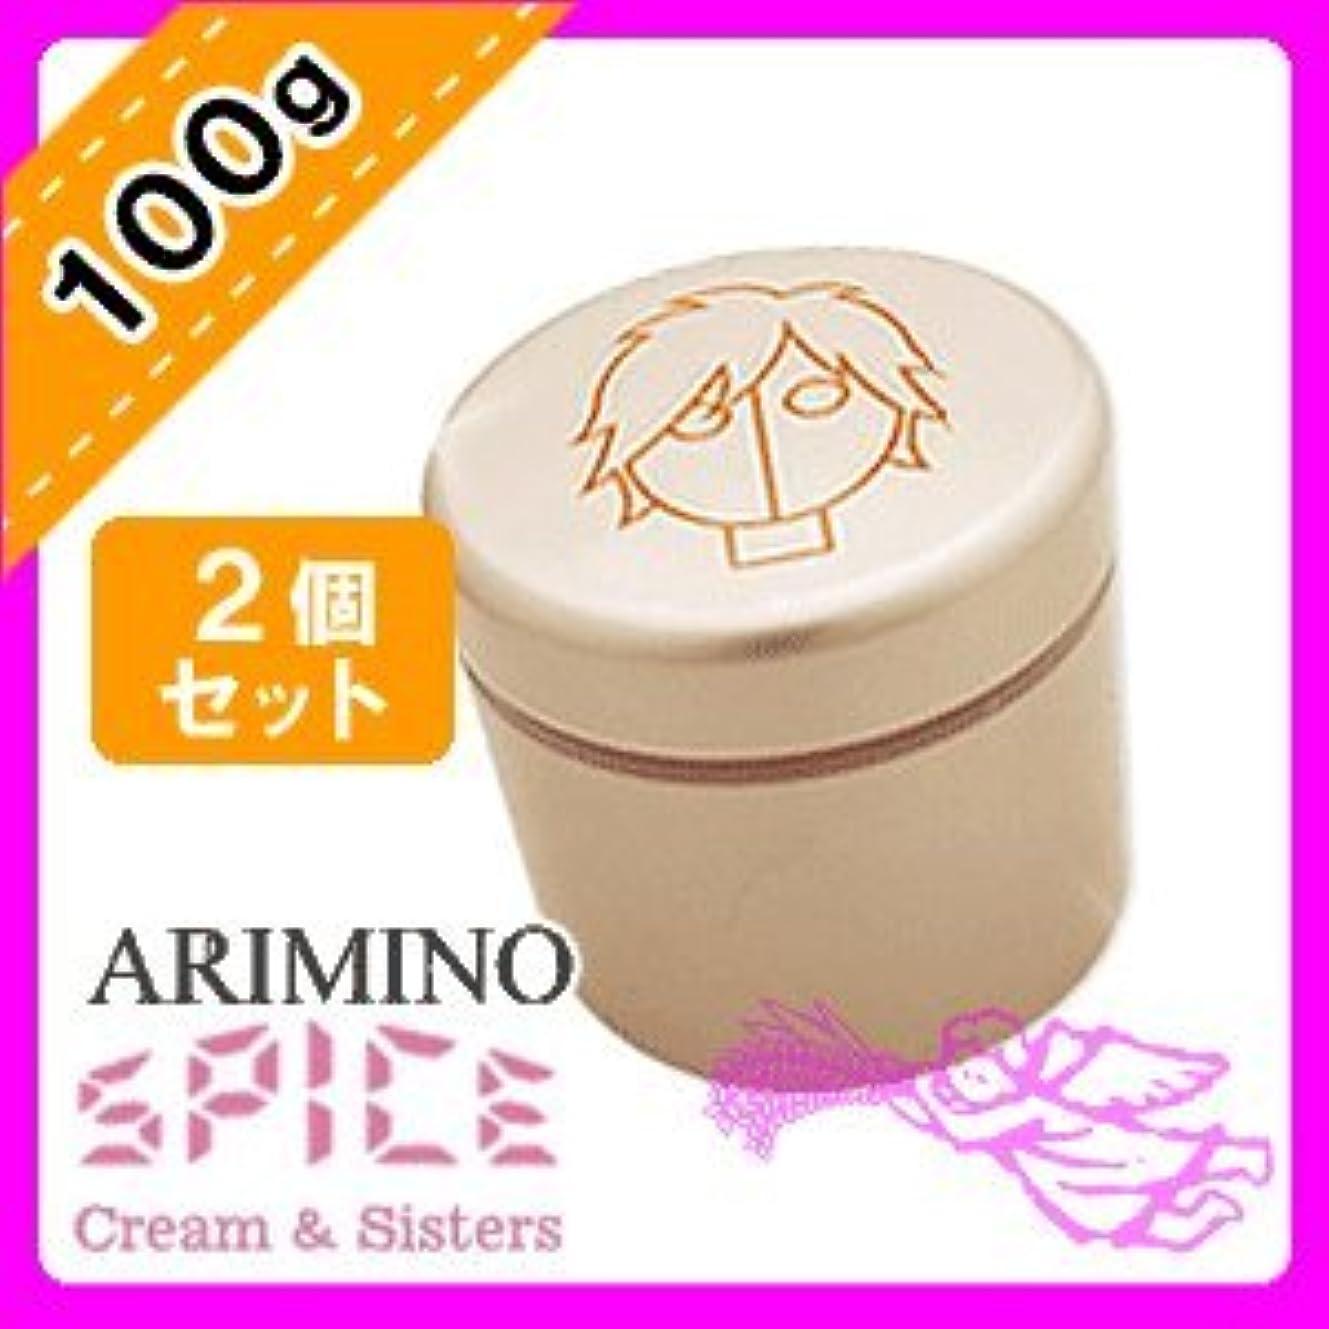 バースト咲くマイルドアリミノ スパイスネオ ライトハードワックス 100g ×2個 セット arimino SPICE